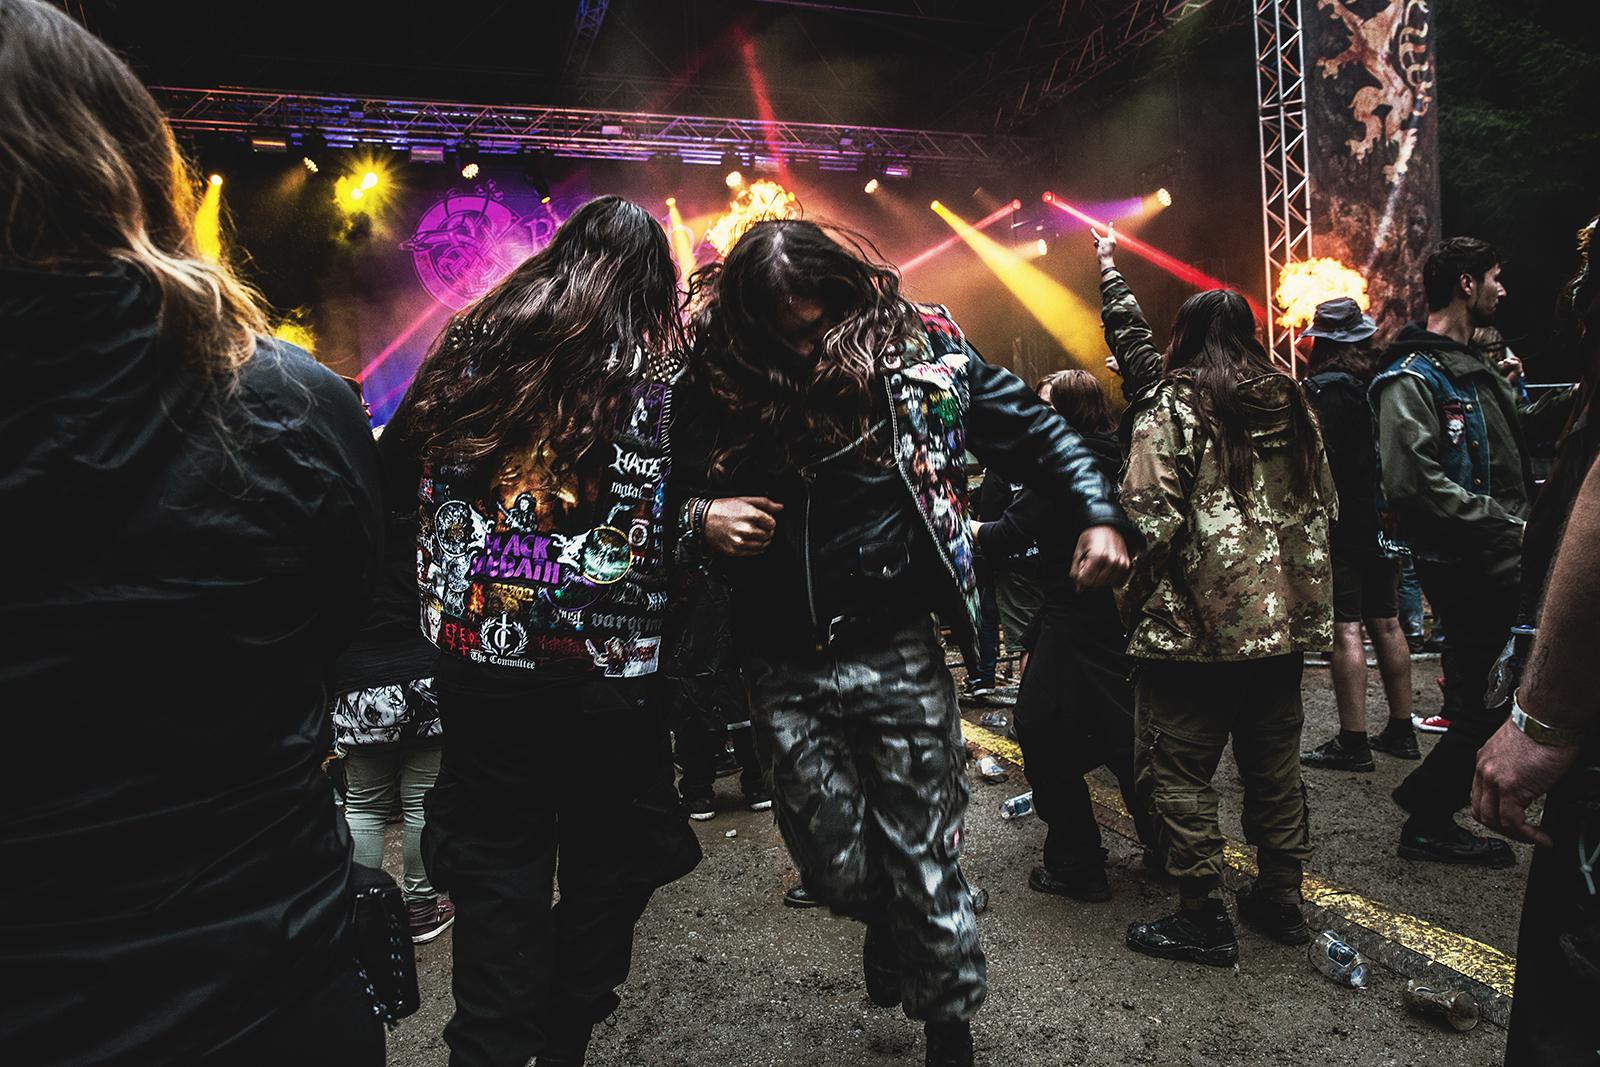 kaltenbach-open-air-2019-das-interview-zum-metal-fest-des-jahres-in-oesterreich-auf-a-bier-bei-mir-thomas-spiwak-alias-spiwi